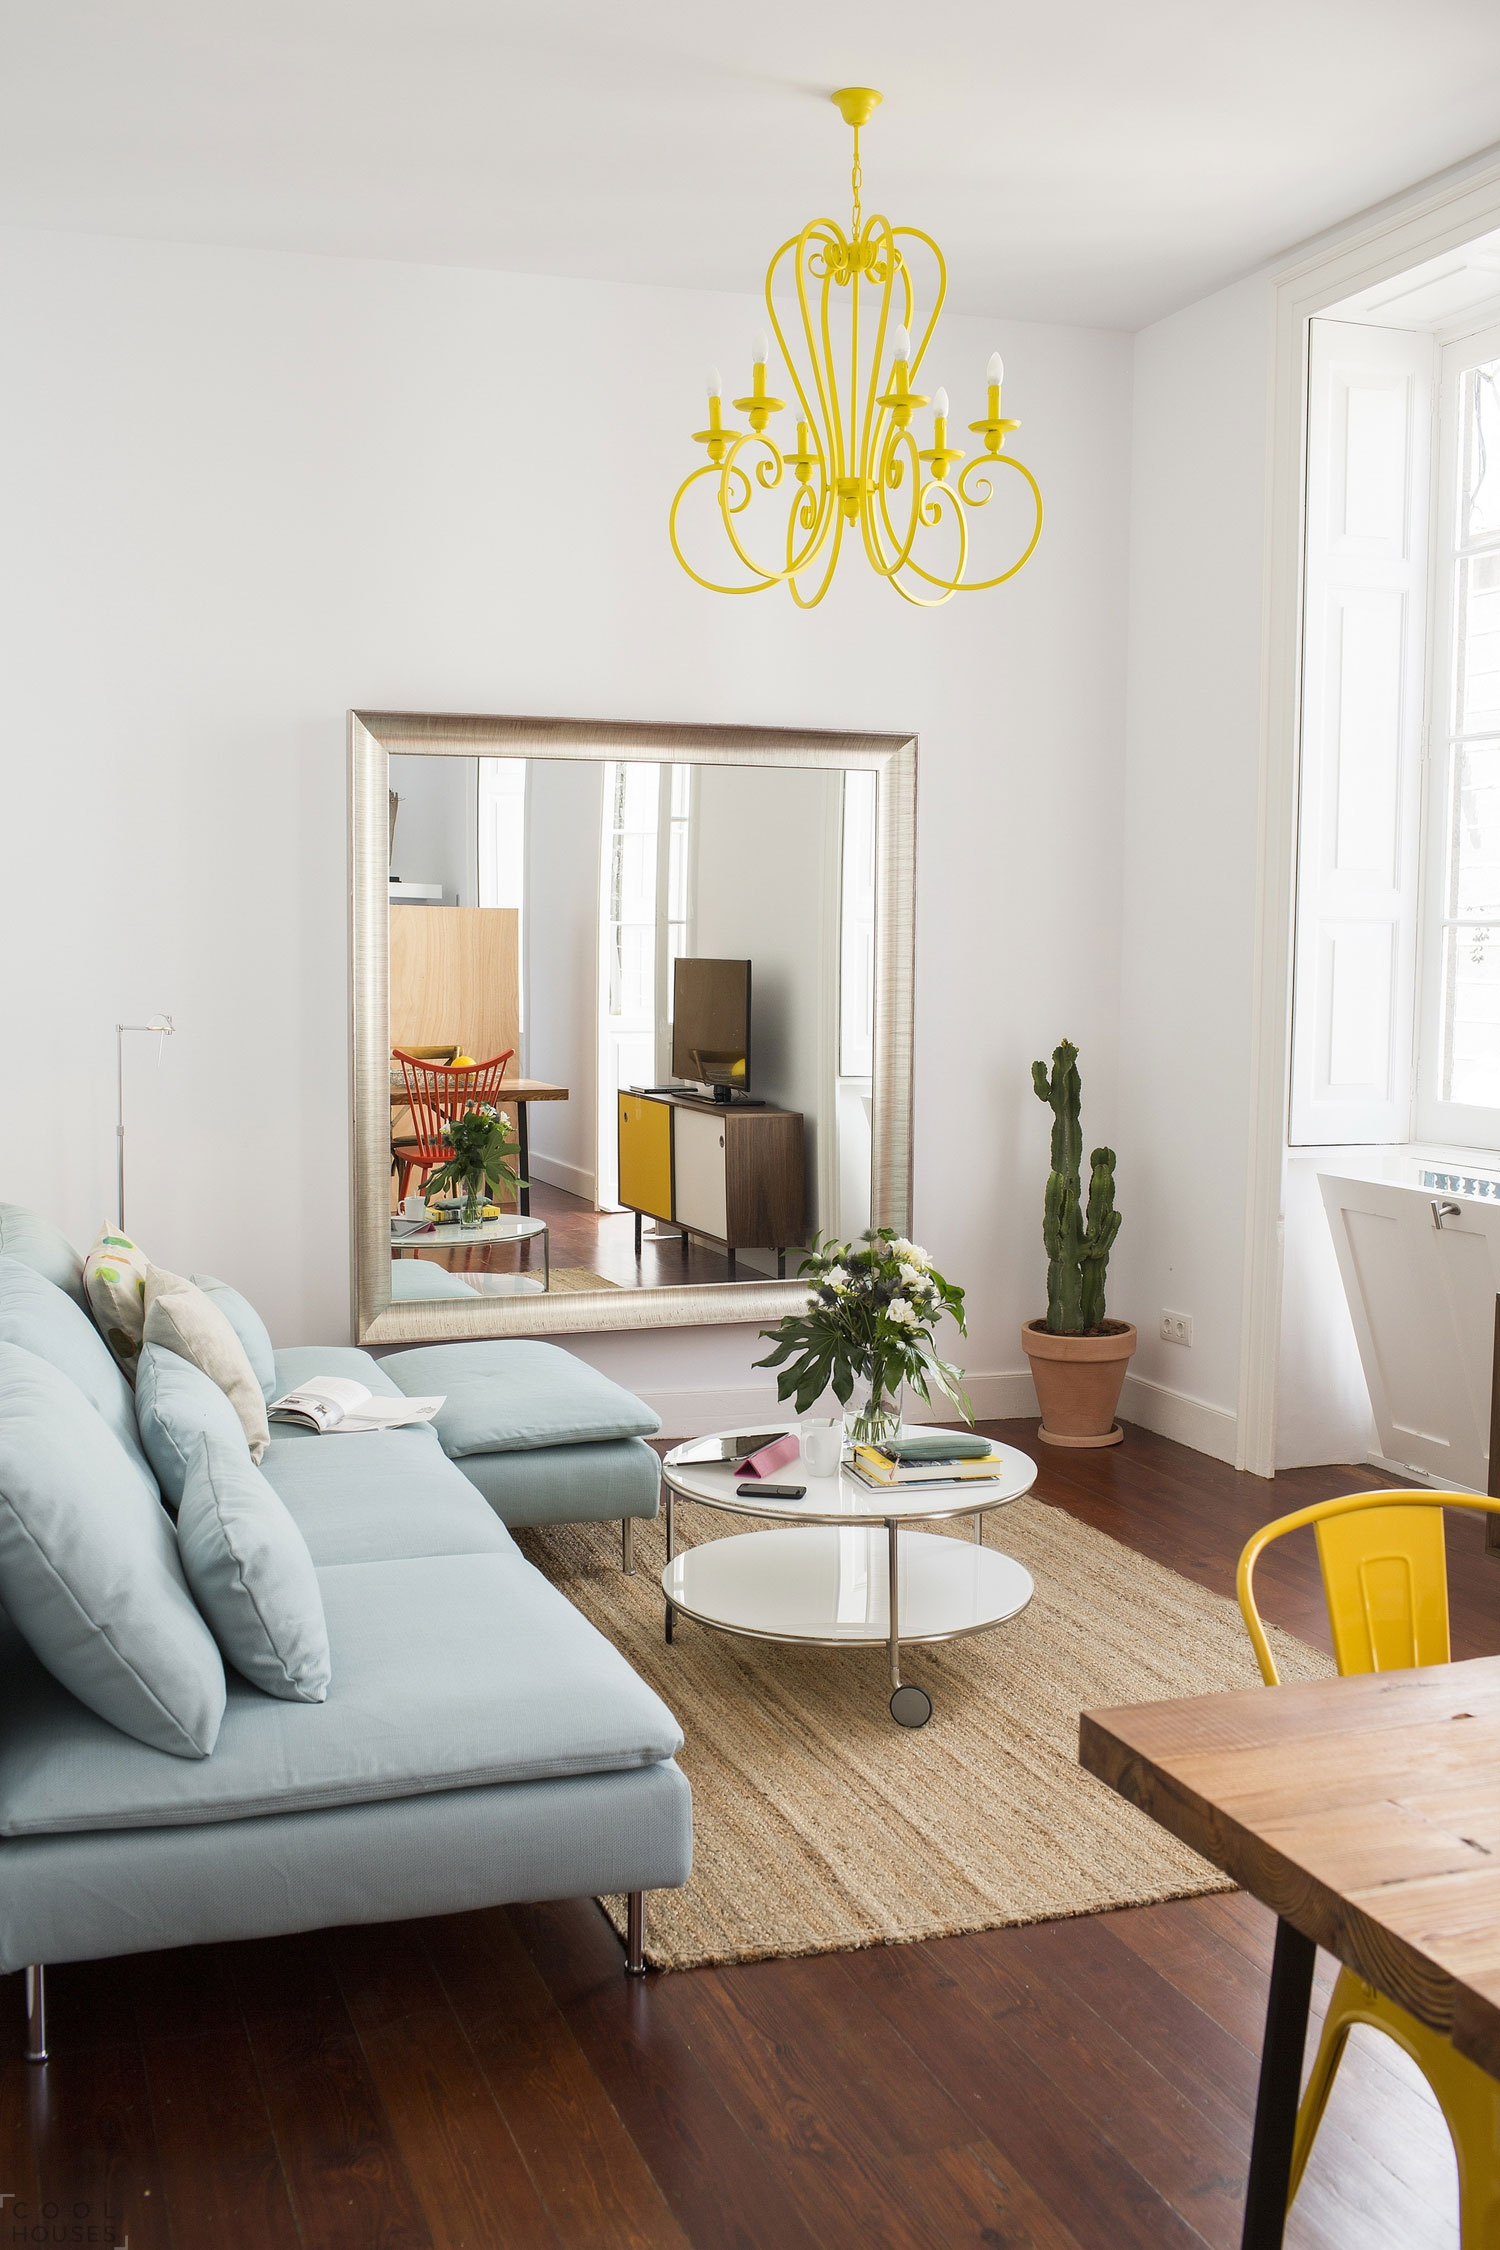 Дизайн квартиры в стиле лофт, Испания